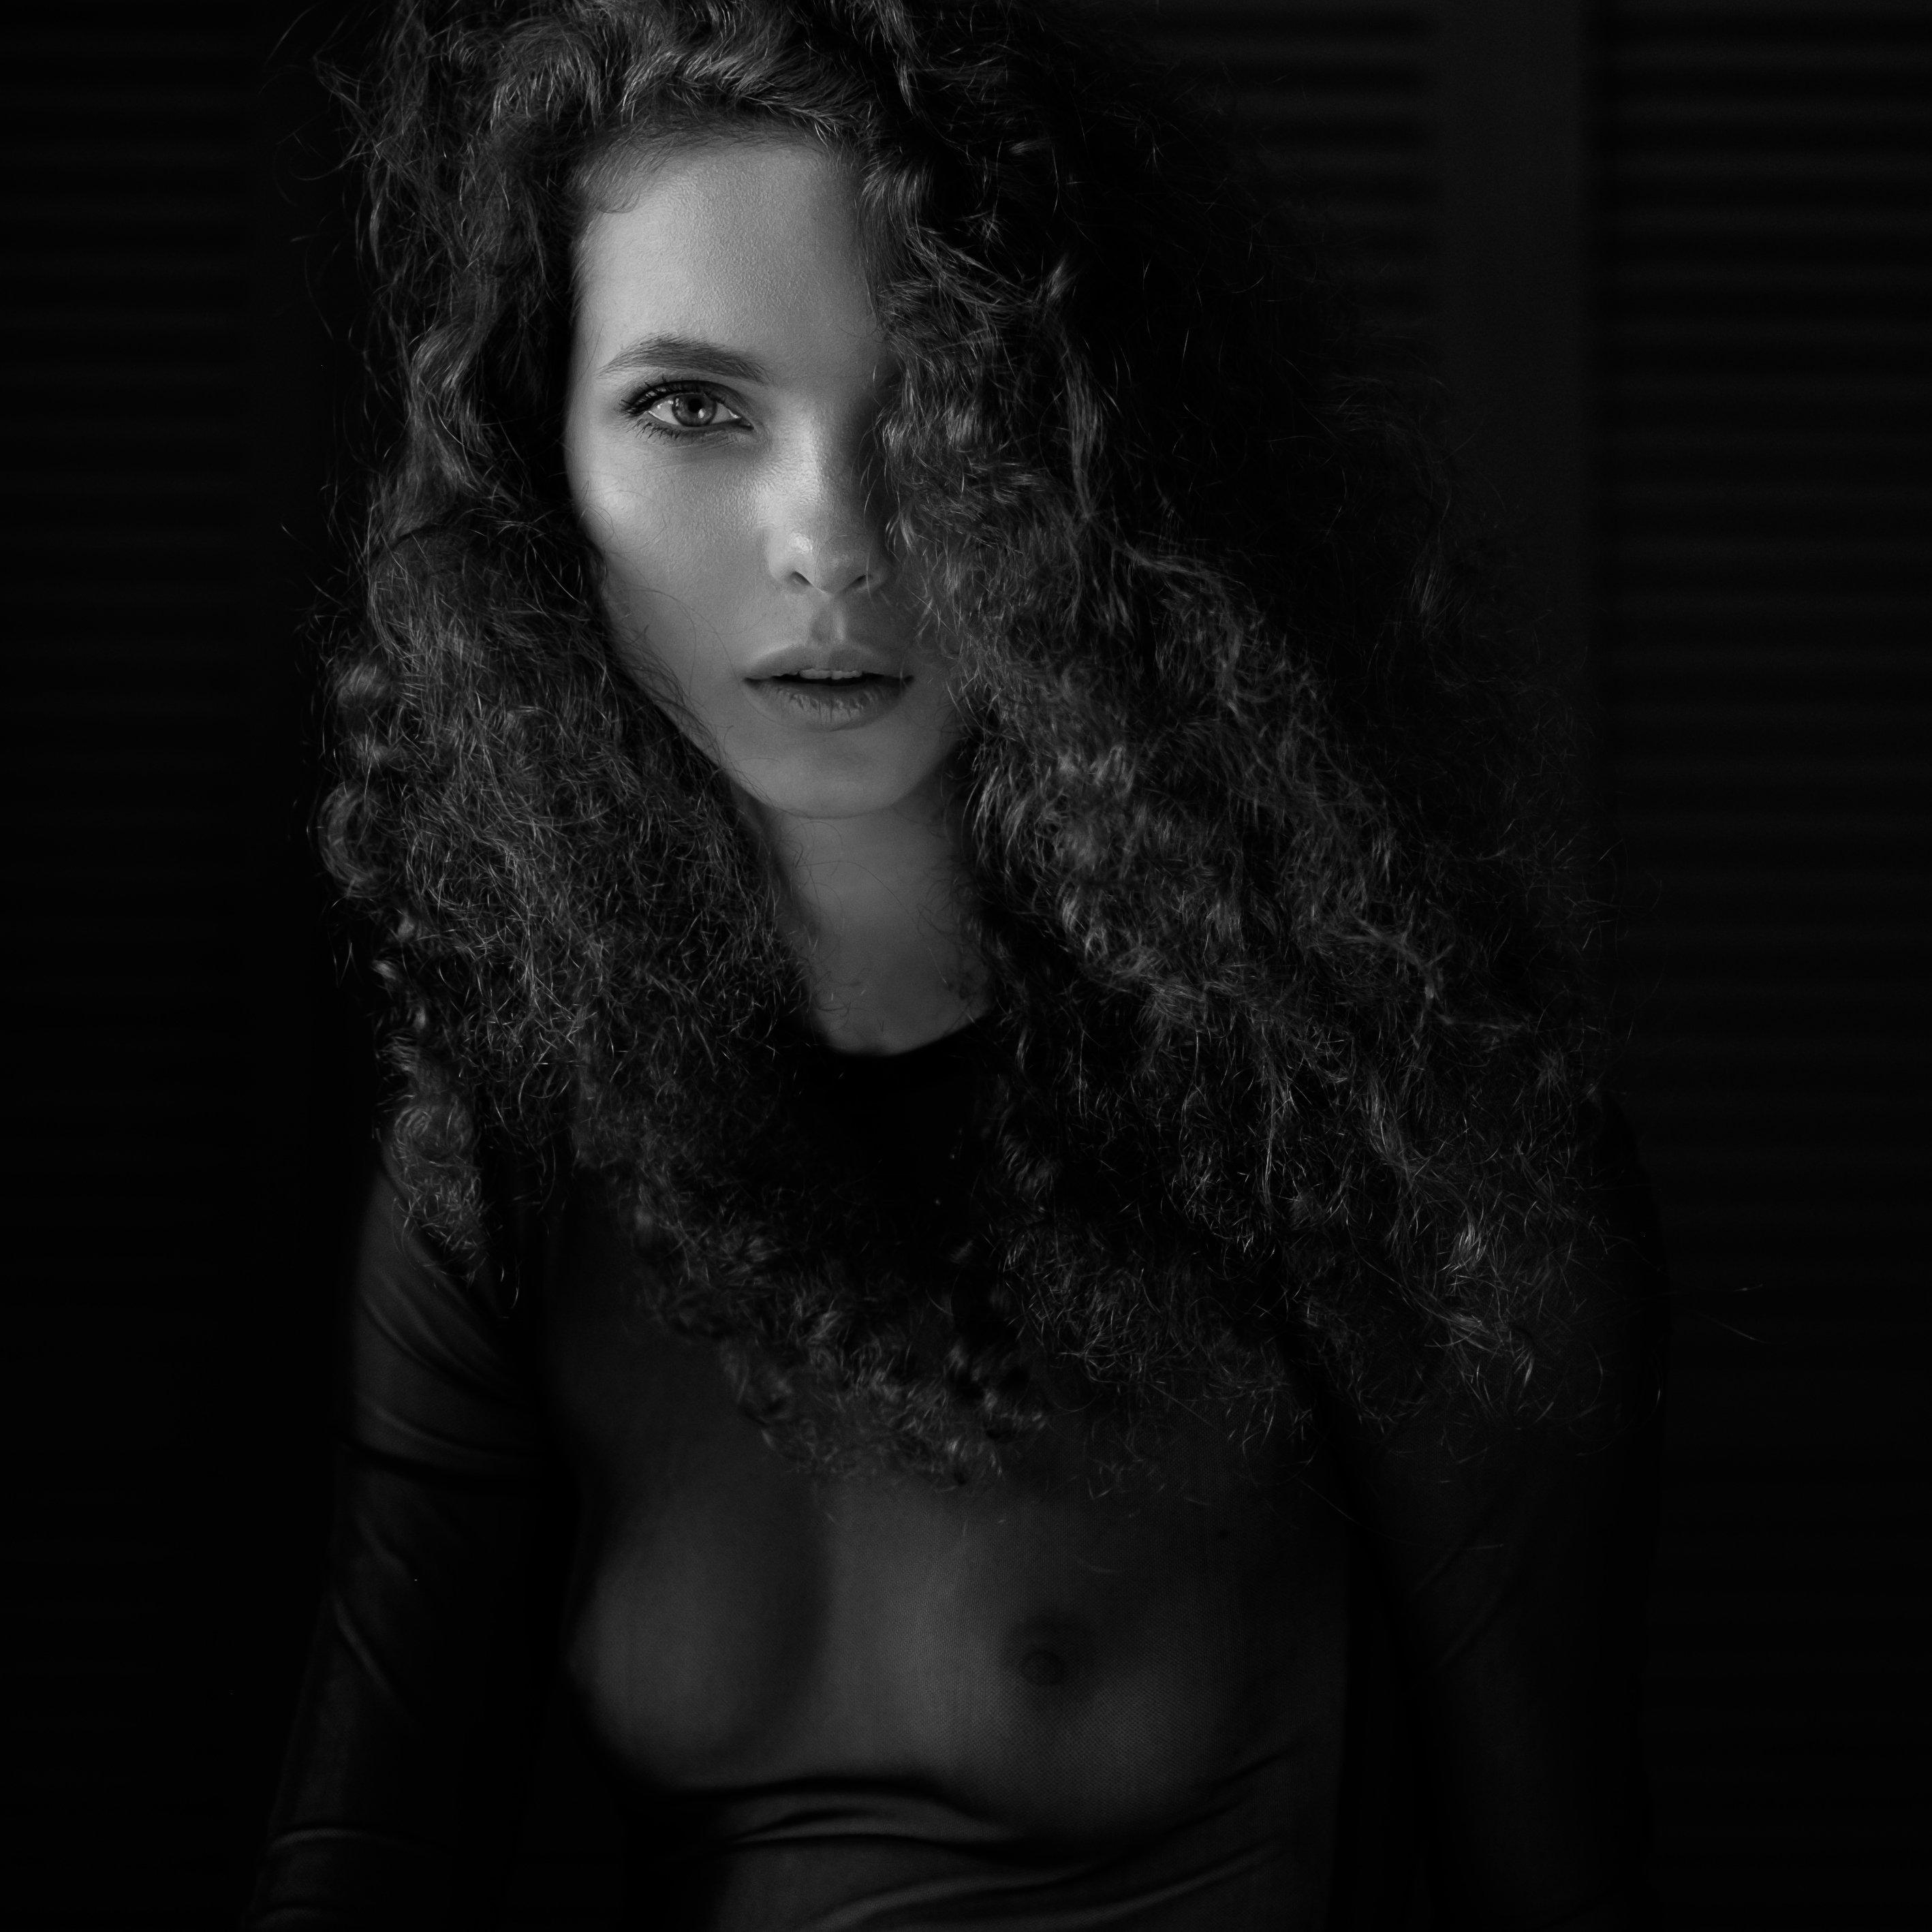 fujifilm, portrait, fujifilmru, b&w, black and white, 1x1, , Роман Филиппов